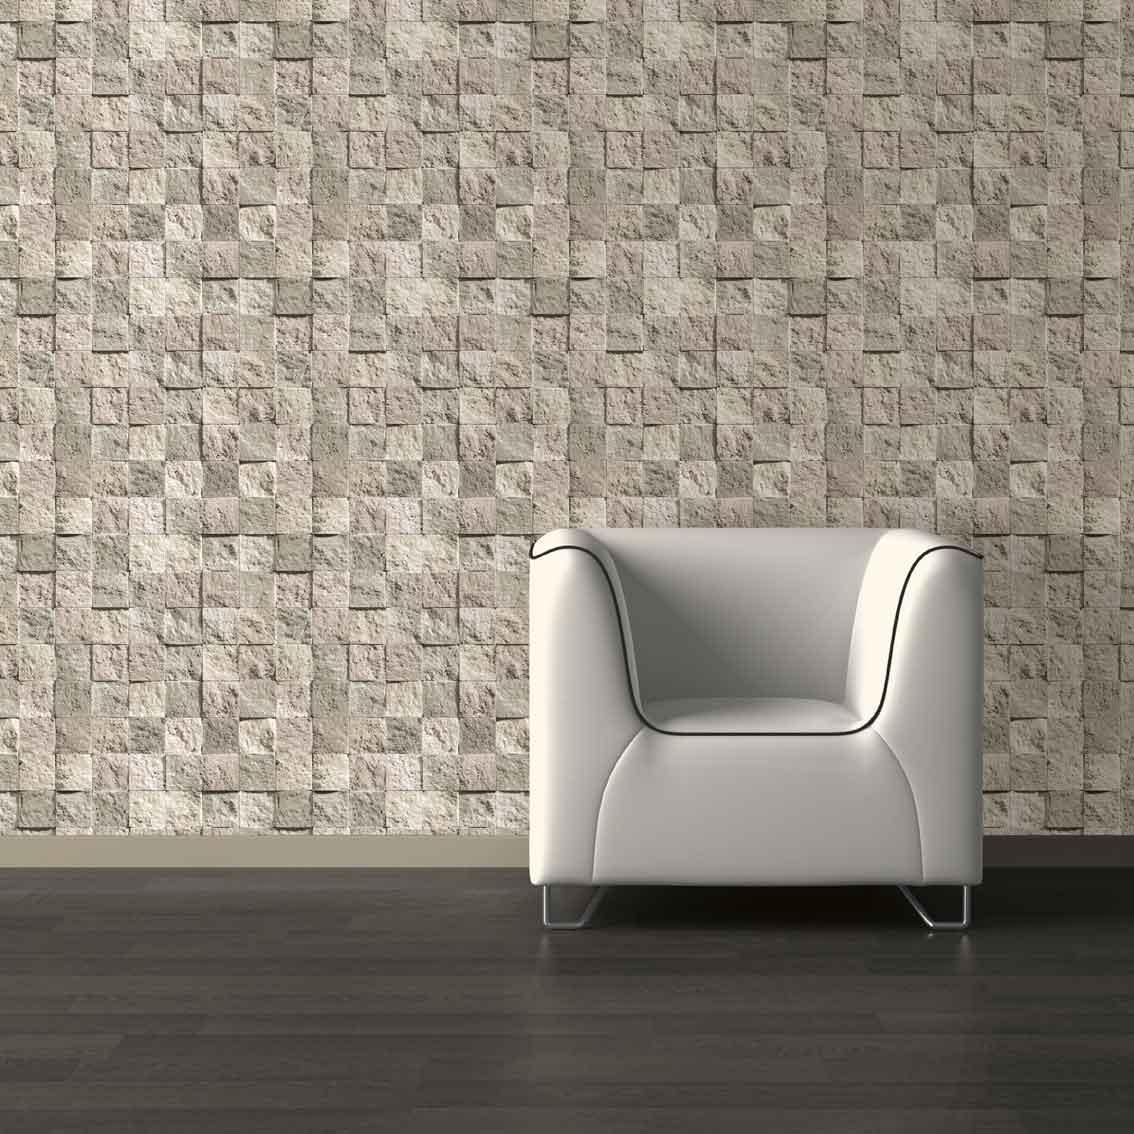 Full Size of Tapeten 3d Steinoptik Effekt Online Kaufen Für Küche Schlafzimmer Fototapeten Wohnzimmer Die Ideen Wohnzimmer 3d Tapeten